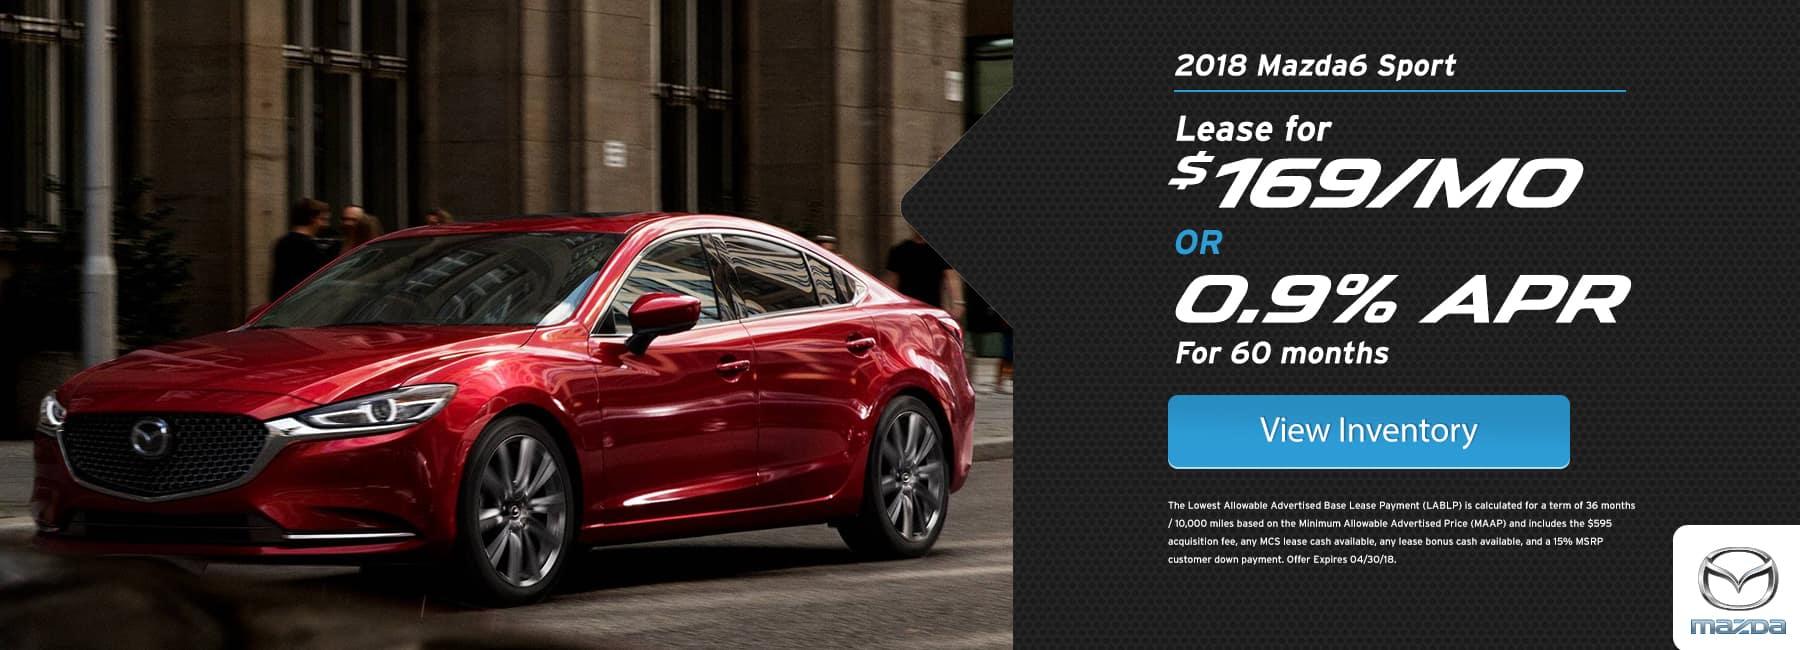 Mazda 6 April Offer